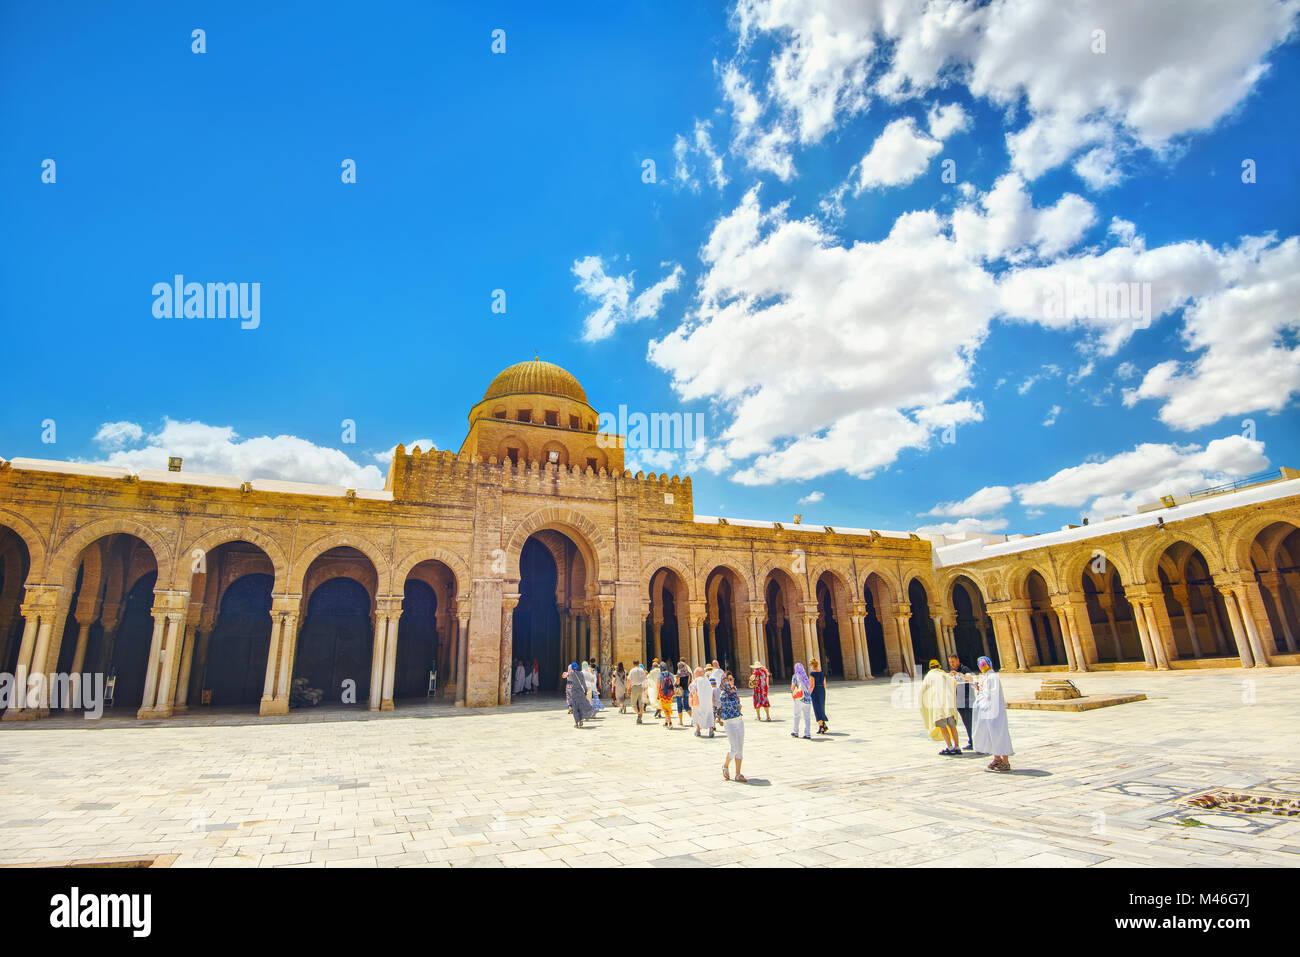 Gruppo turistico sightseeing della Grande Moschea (Sidi Oqba) di Kairouan, l'Islam la città sacra. Kairouan, Immagini Stock